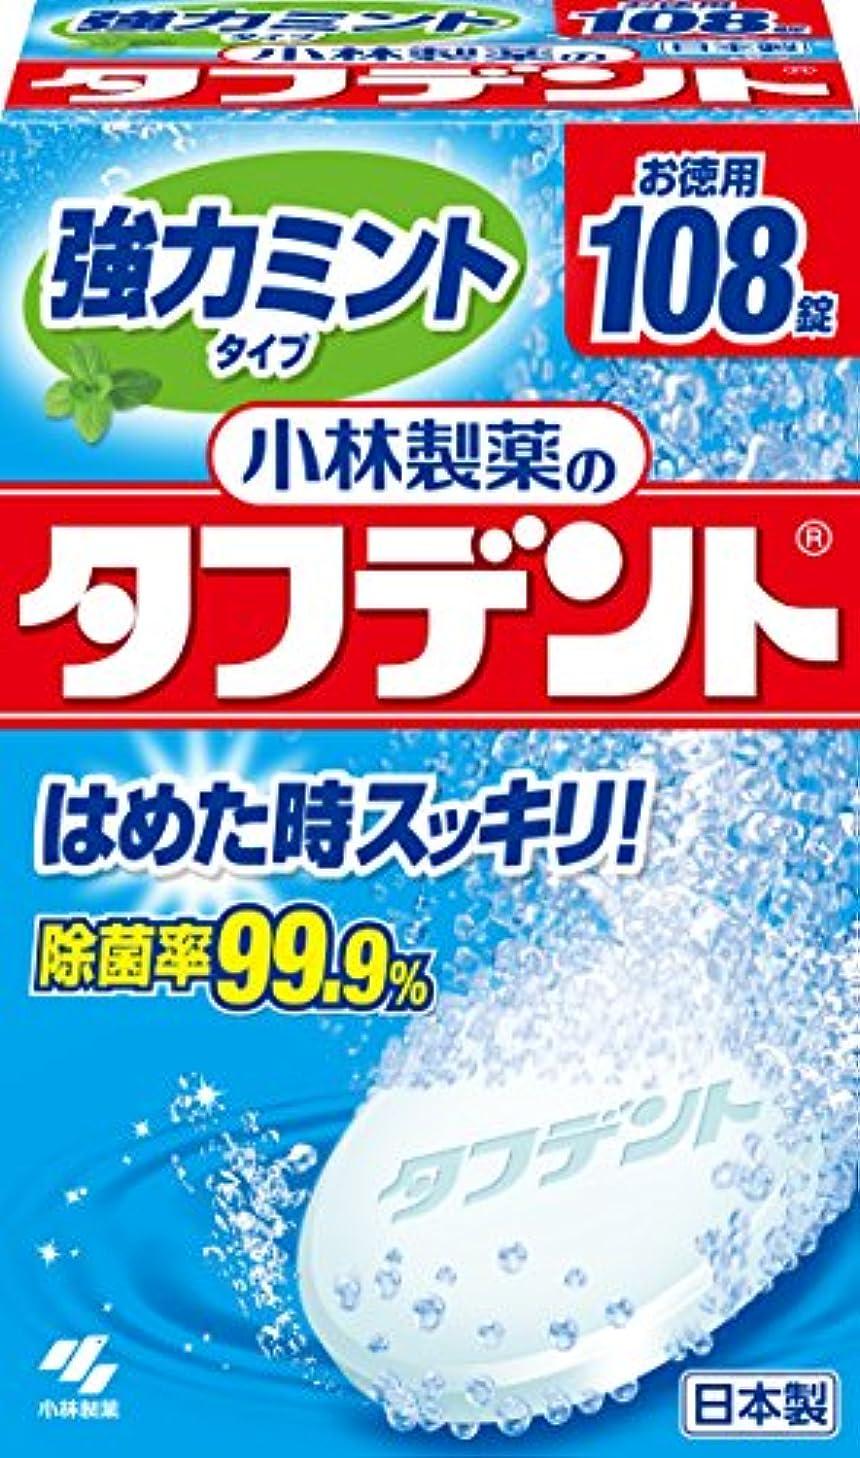 超高層ビル定義ロバ小林製薬のタフデント強力ミントタイプ 入れ歯用洗浄剤 ミントの香り 108錠